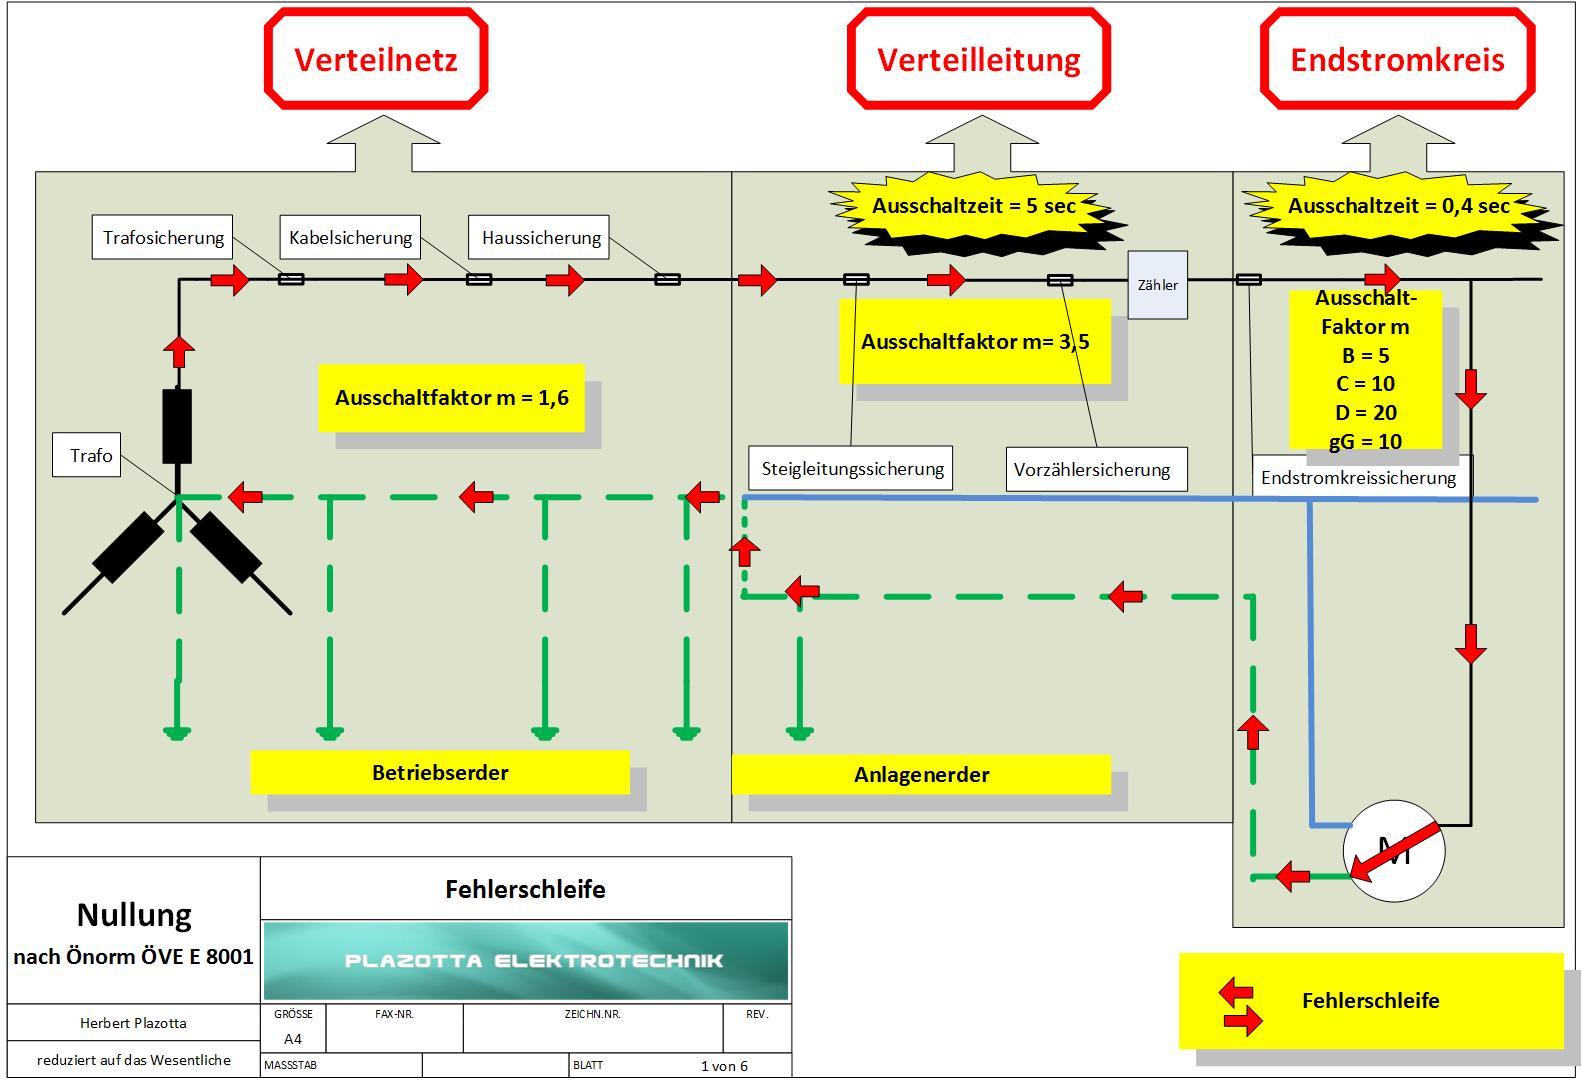 http://www.plazotta.info/Nullung/Fehlerschleife.jpg